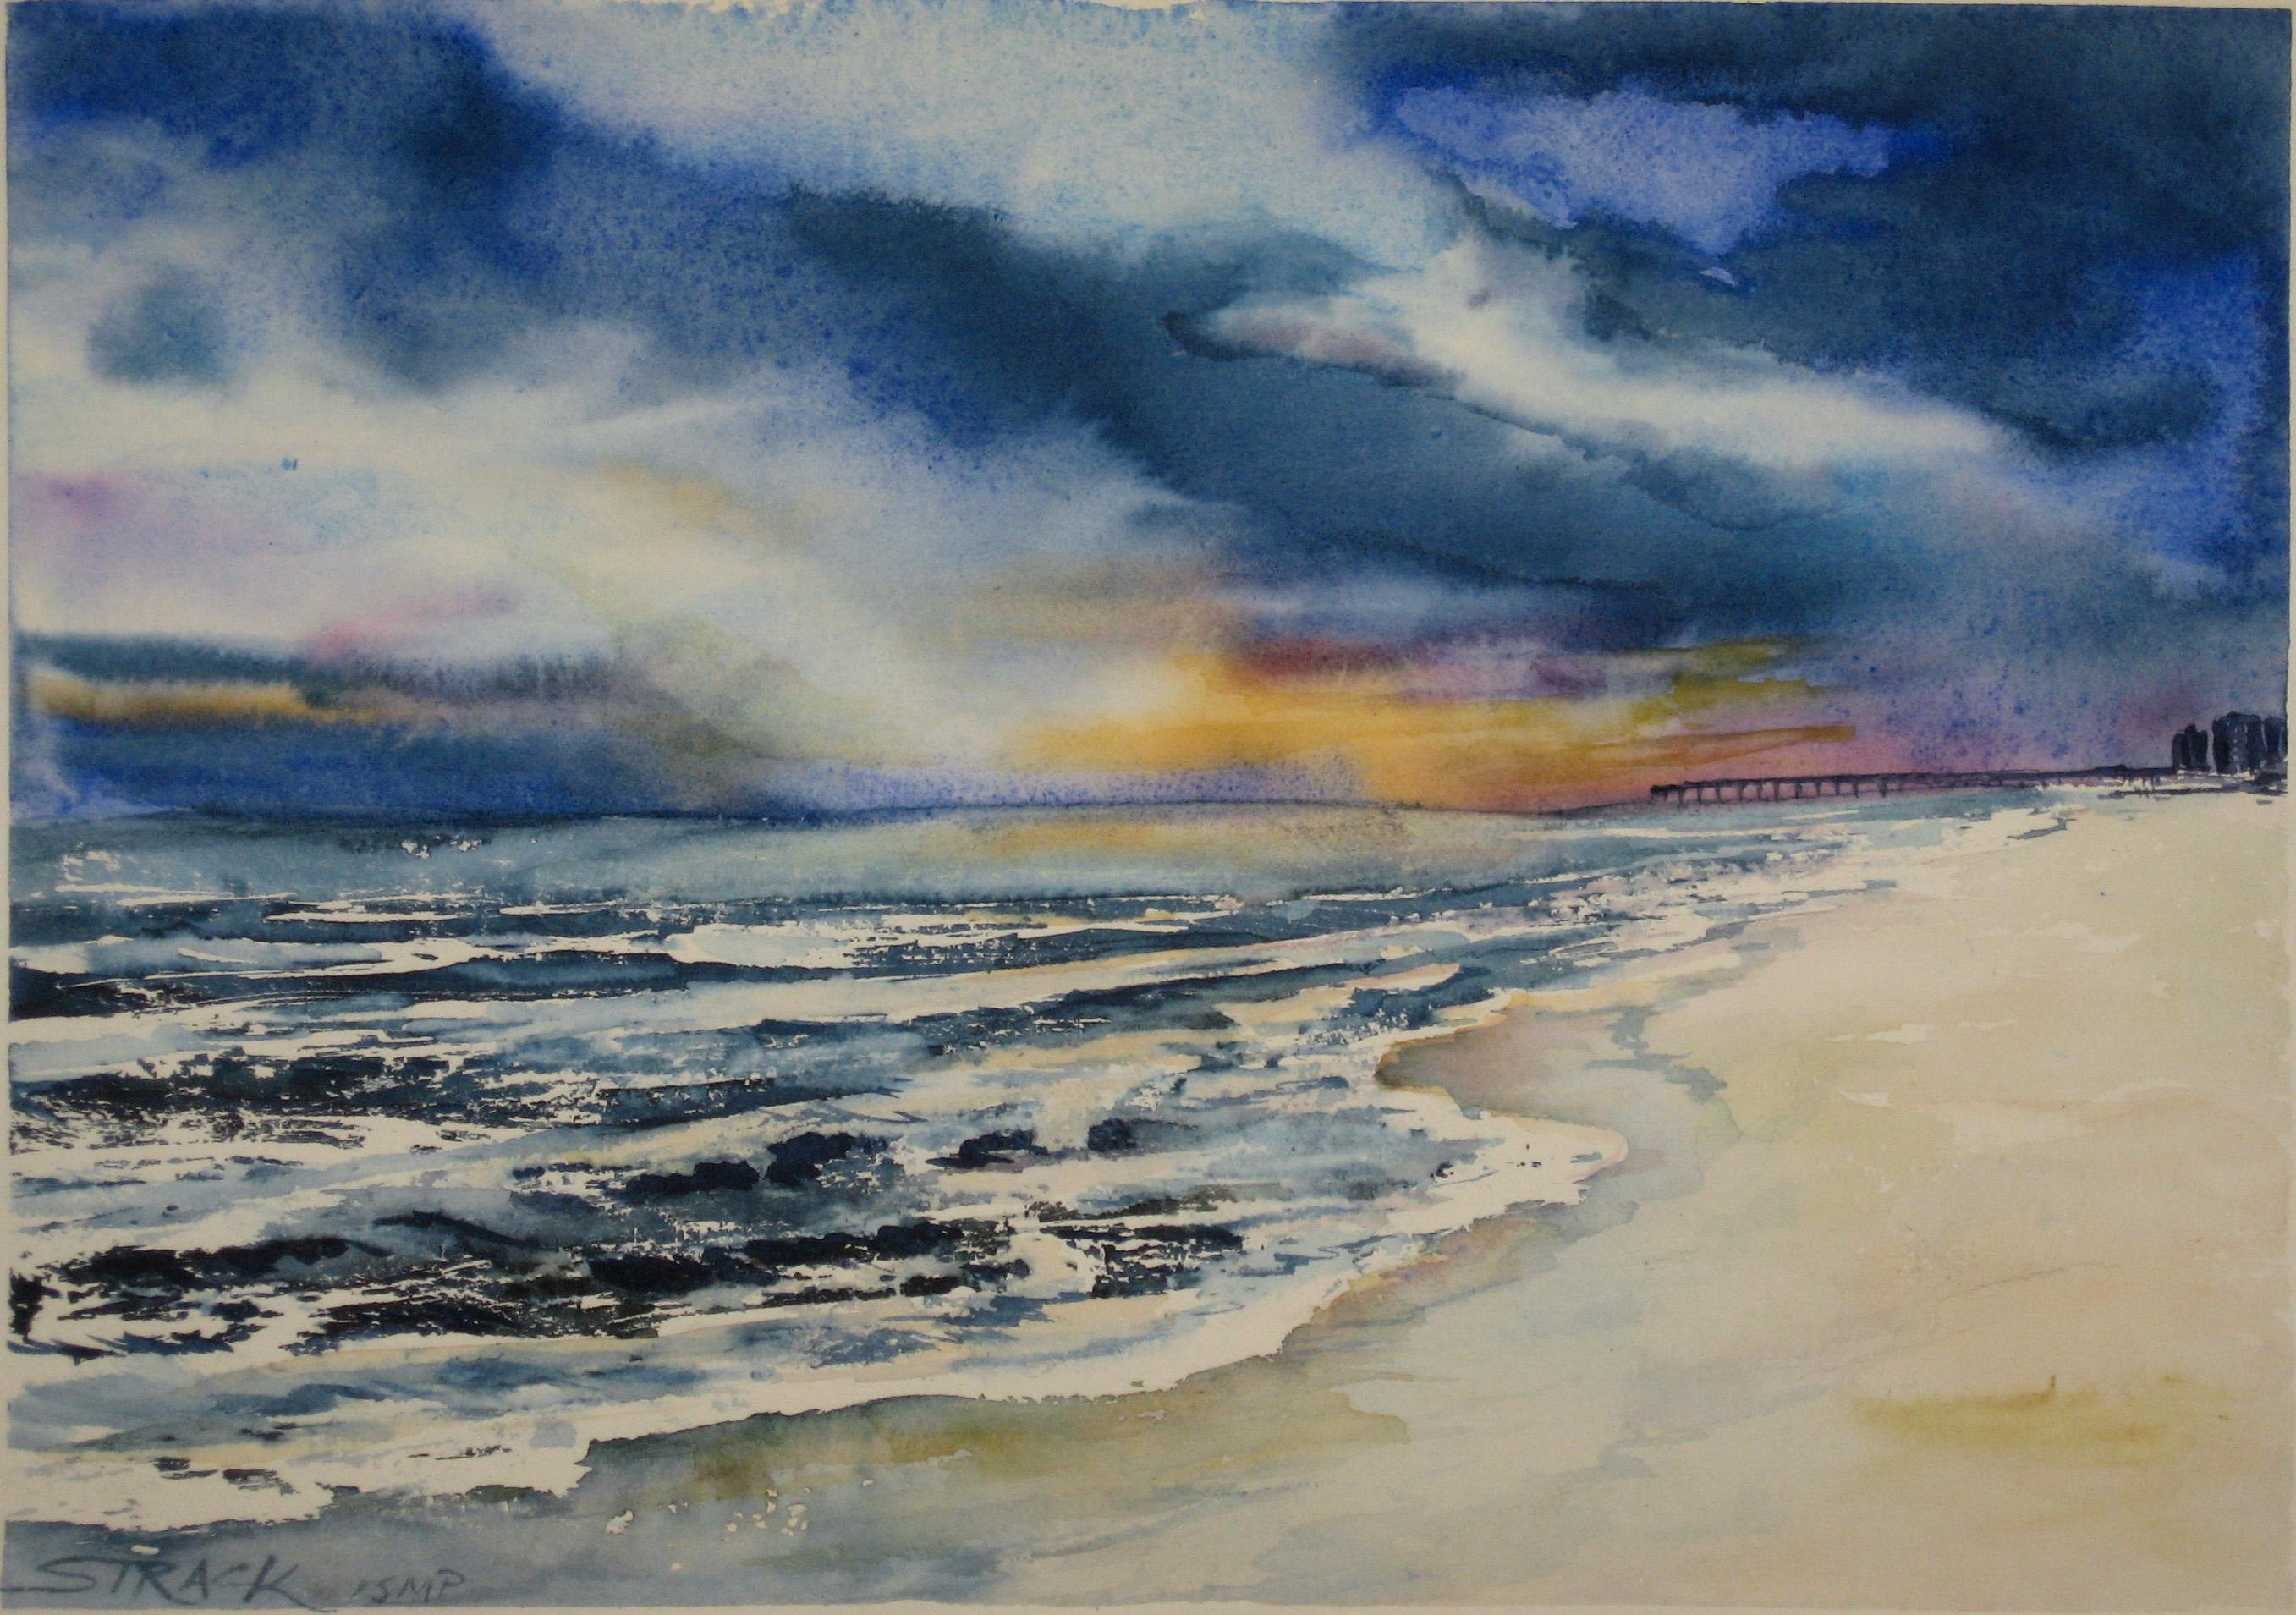 Pensacola Beach by Annie Strack, watercolour